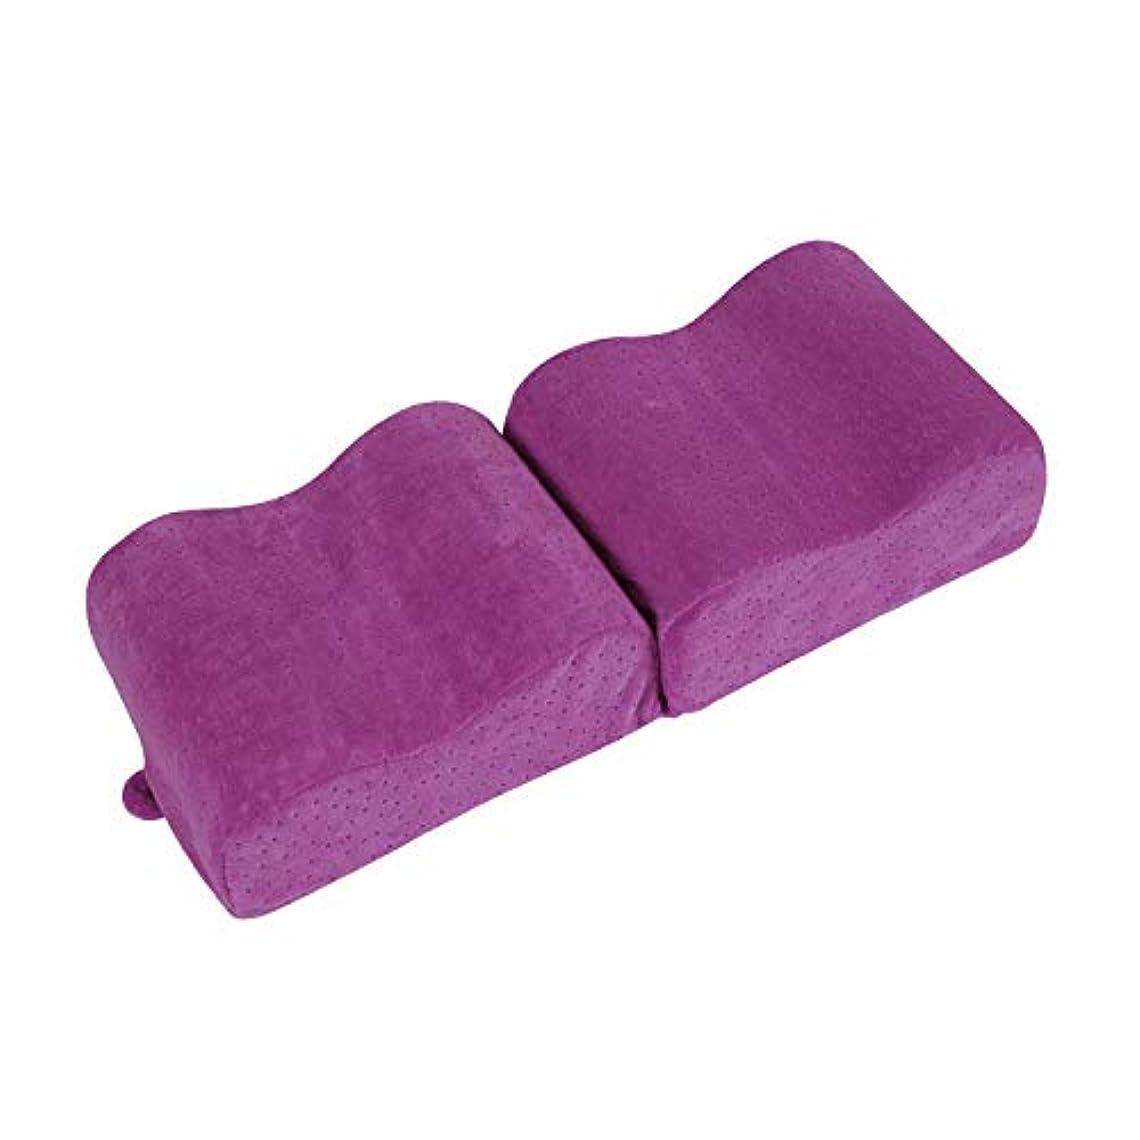 令状探偵知恵メモリコットン膝遅いリバウンドクリップ脚枕妊娠中の女性足枕脚枕膝枕Bタイプリリース足枕,Purple